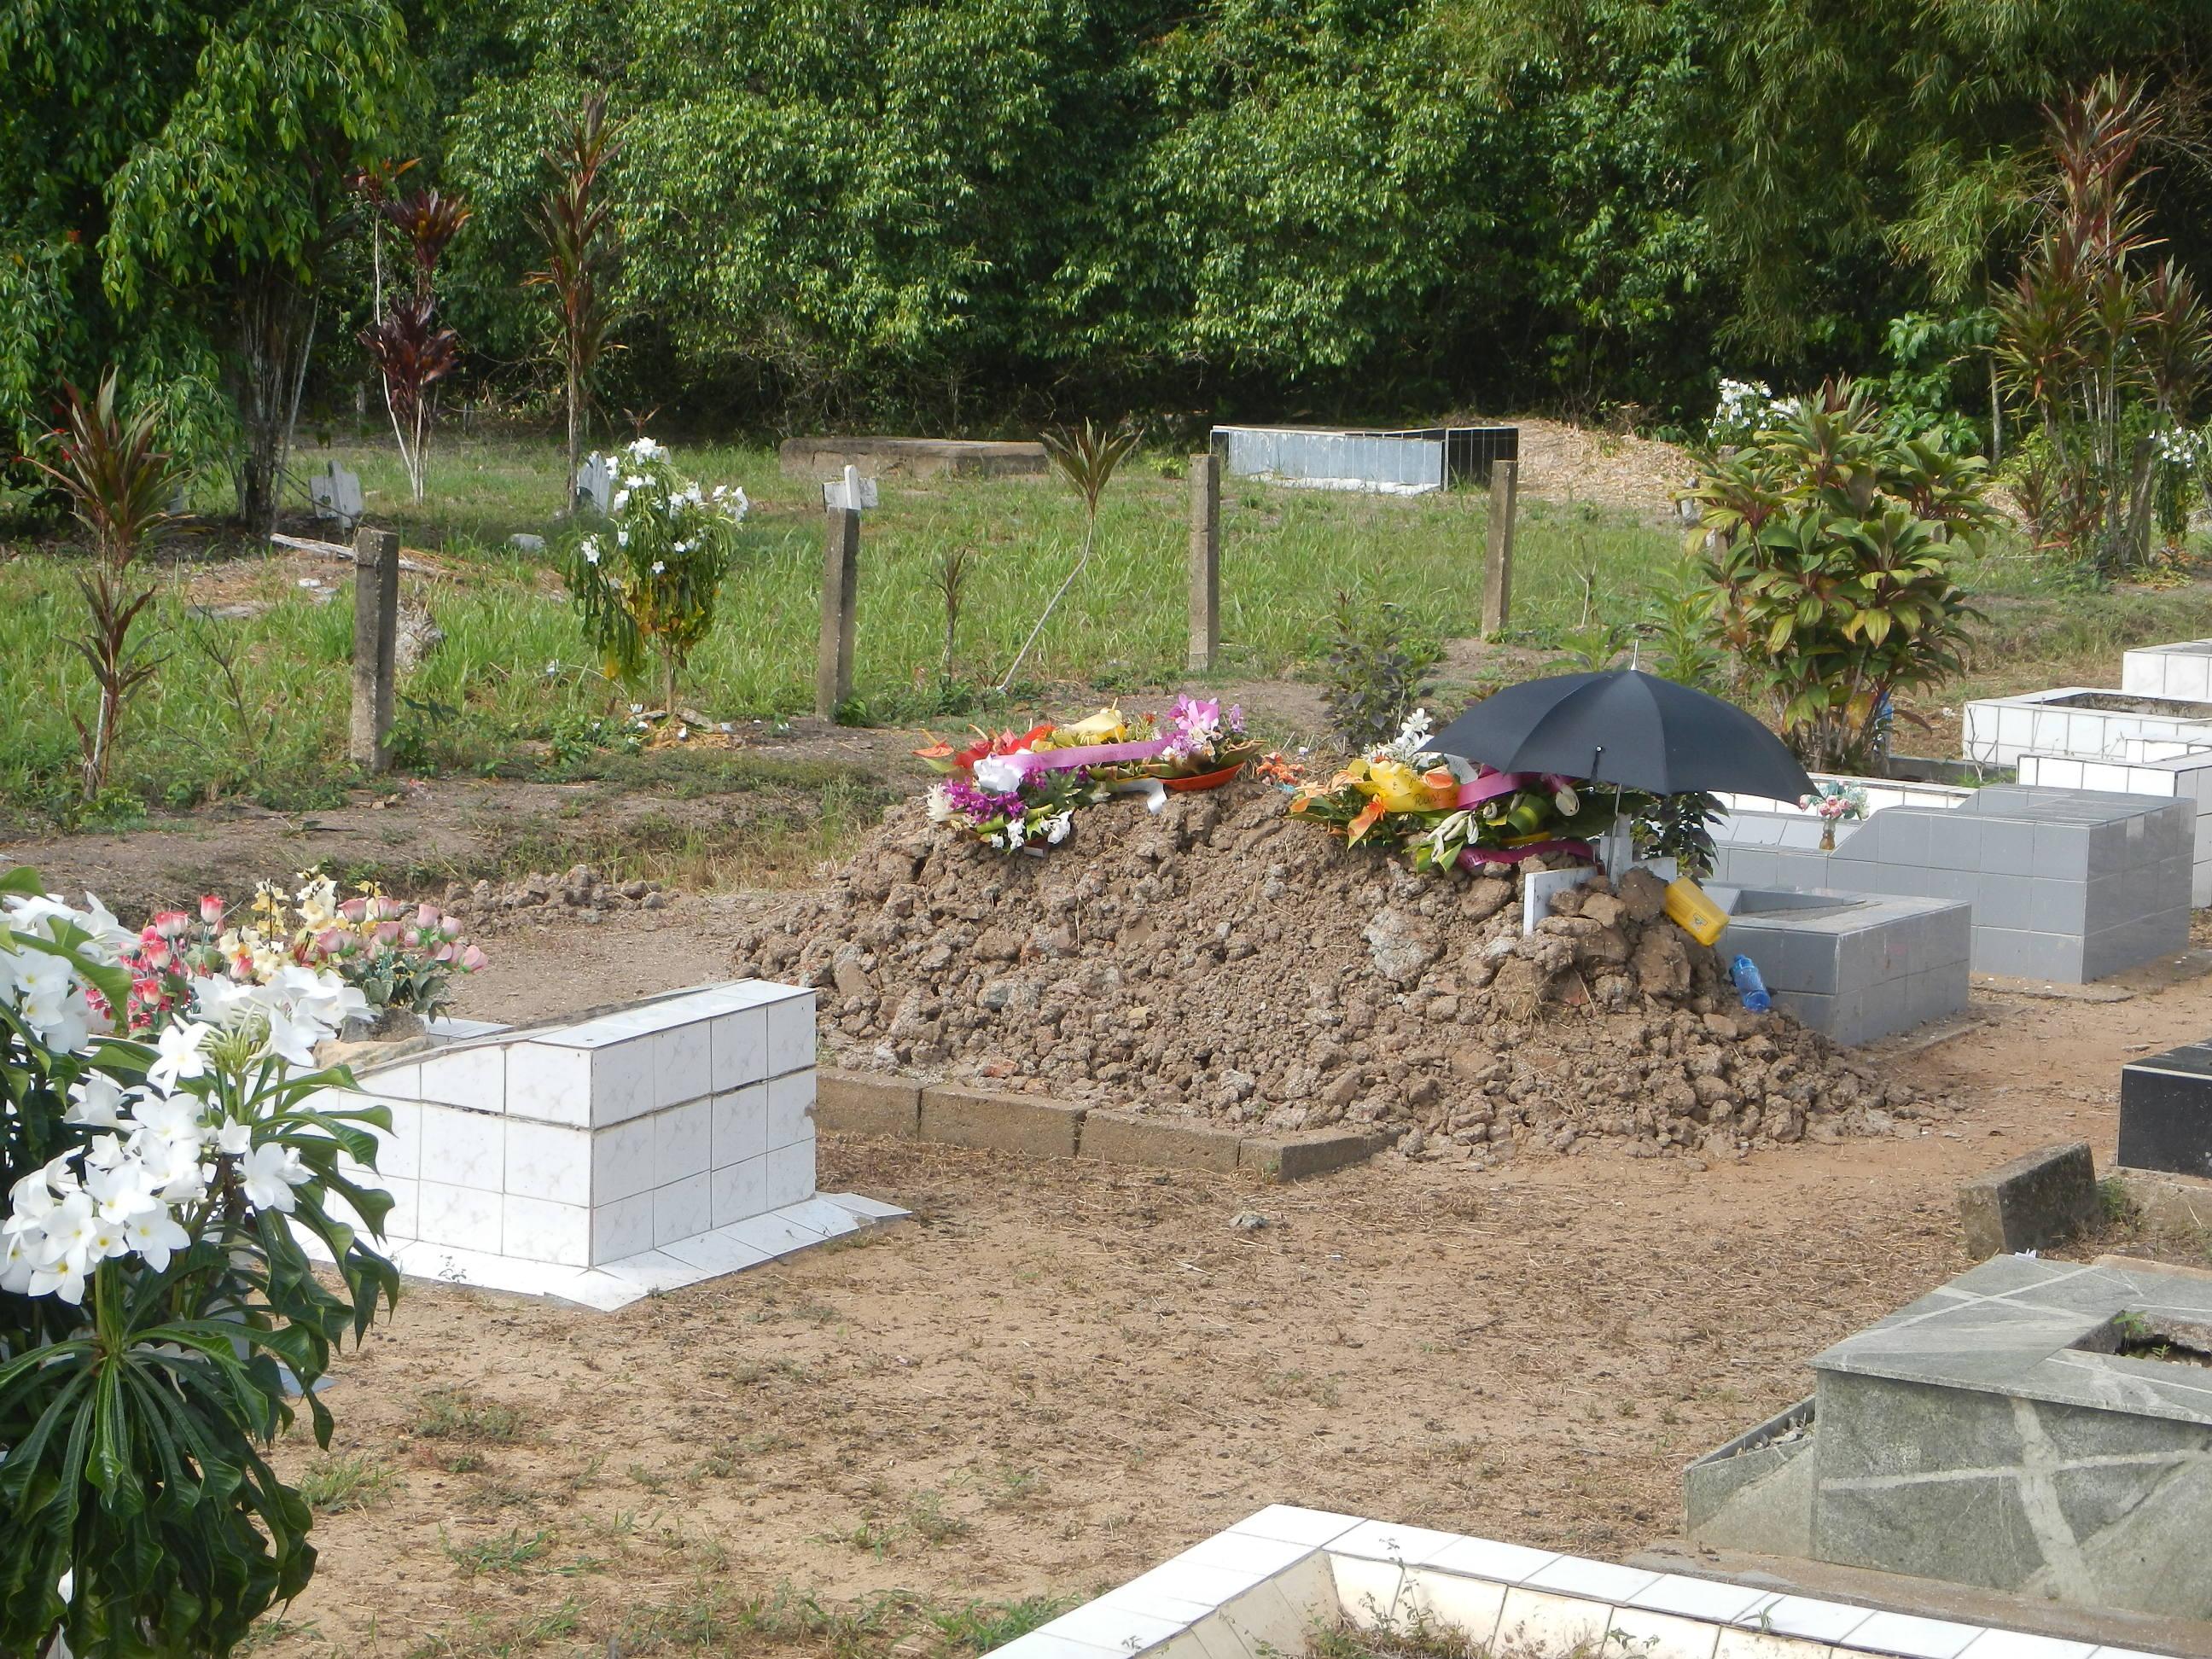 Bei einem Ausflug zu Fuß sind wir an einem Friedhof vorbei gekommen. Dieses Grab hat sogar einen Sonnenschutz.